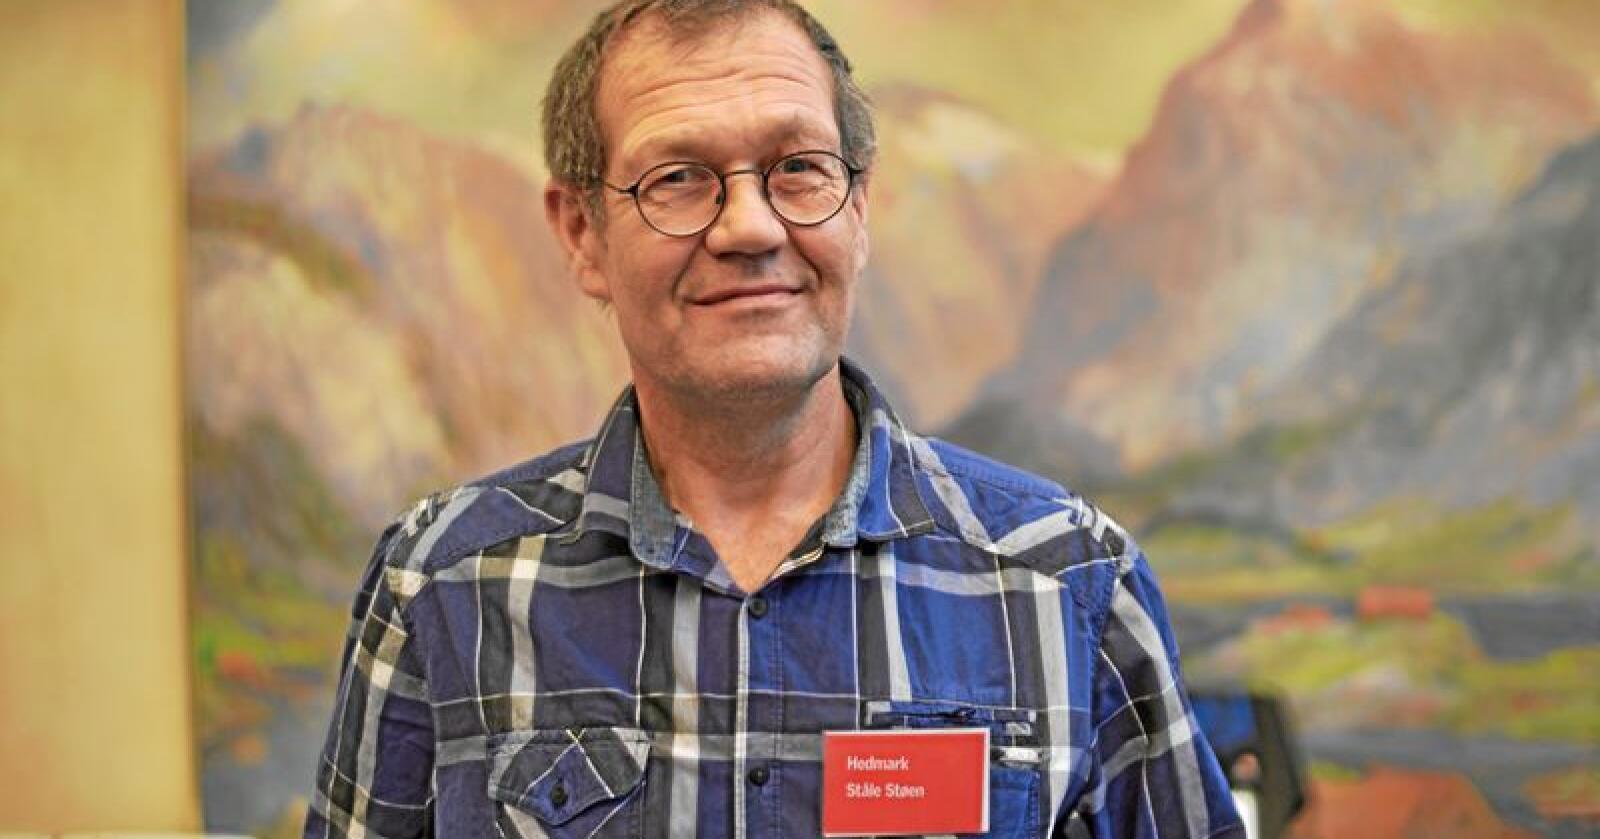 Ståle Støen, leder i rovviltutvalget i Norsk Bonde- og Småbrukarlag, håper at flere fylkesmenn gjør som Innlandet og lager beredskapsplaner ved rovviltskader. Foto: Tori Aarseth/Nei til EU